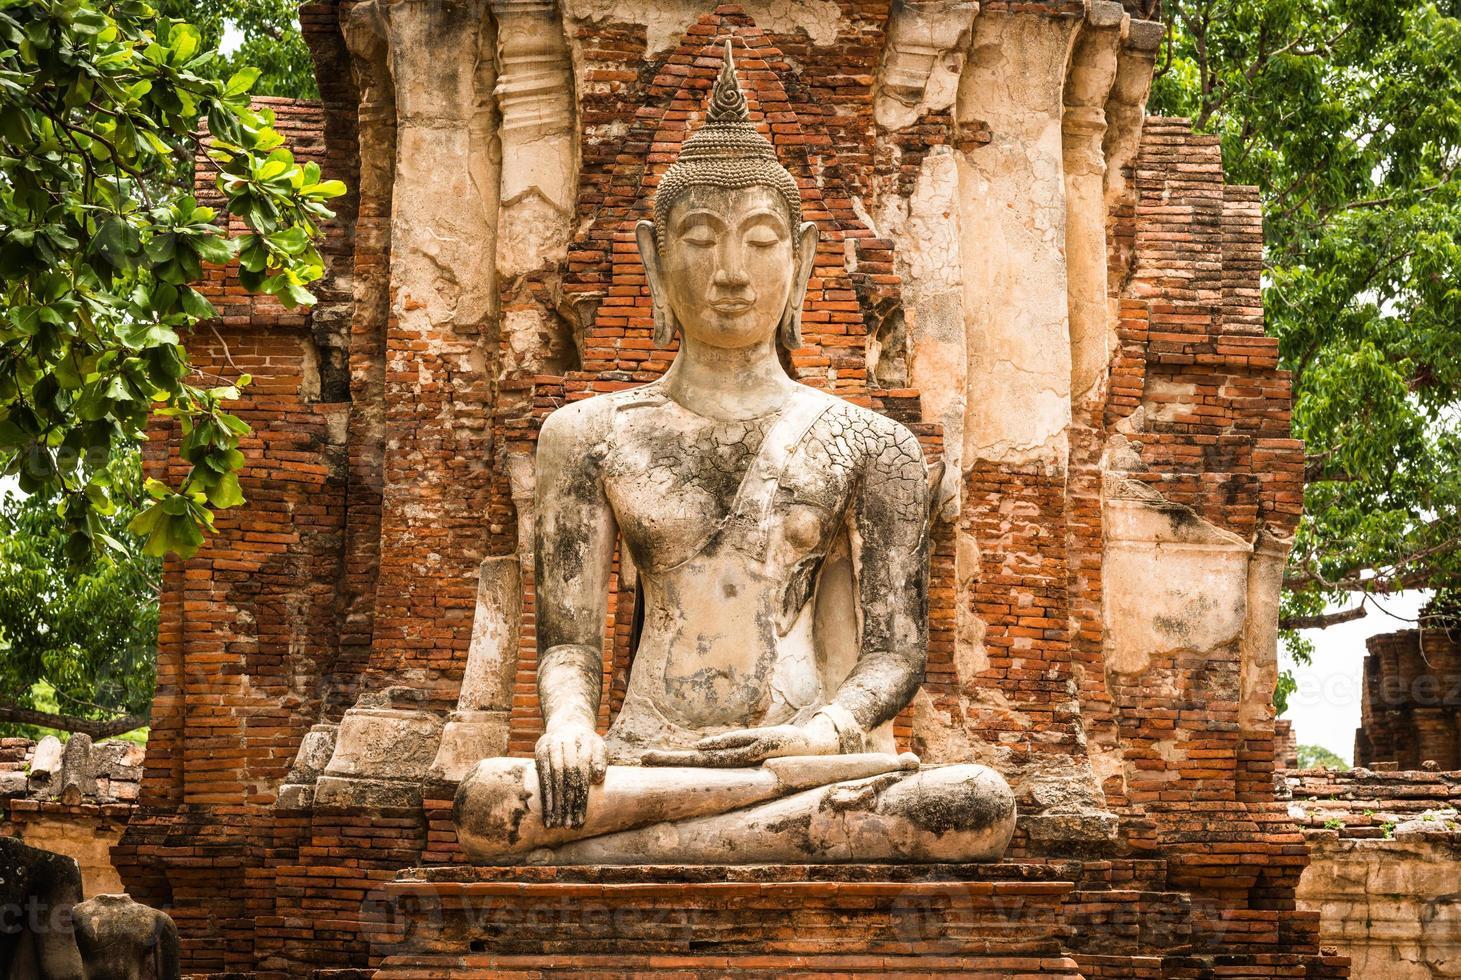 ancienne statue de Bouddha et architecture du vieux temple photo